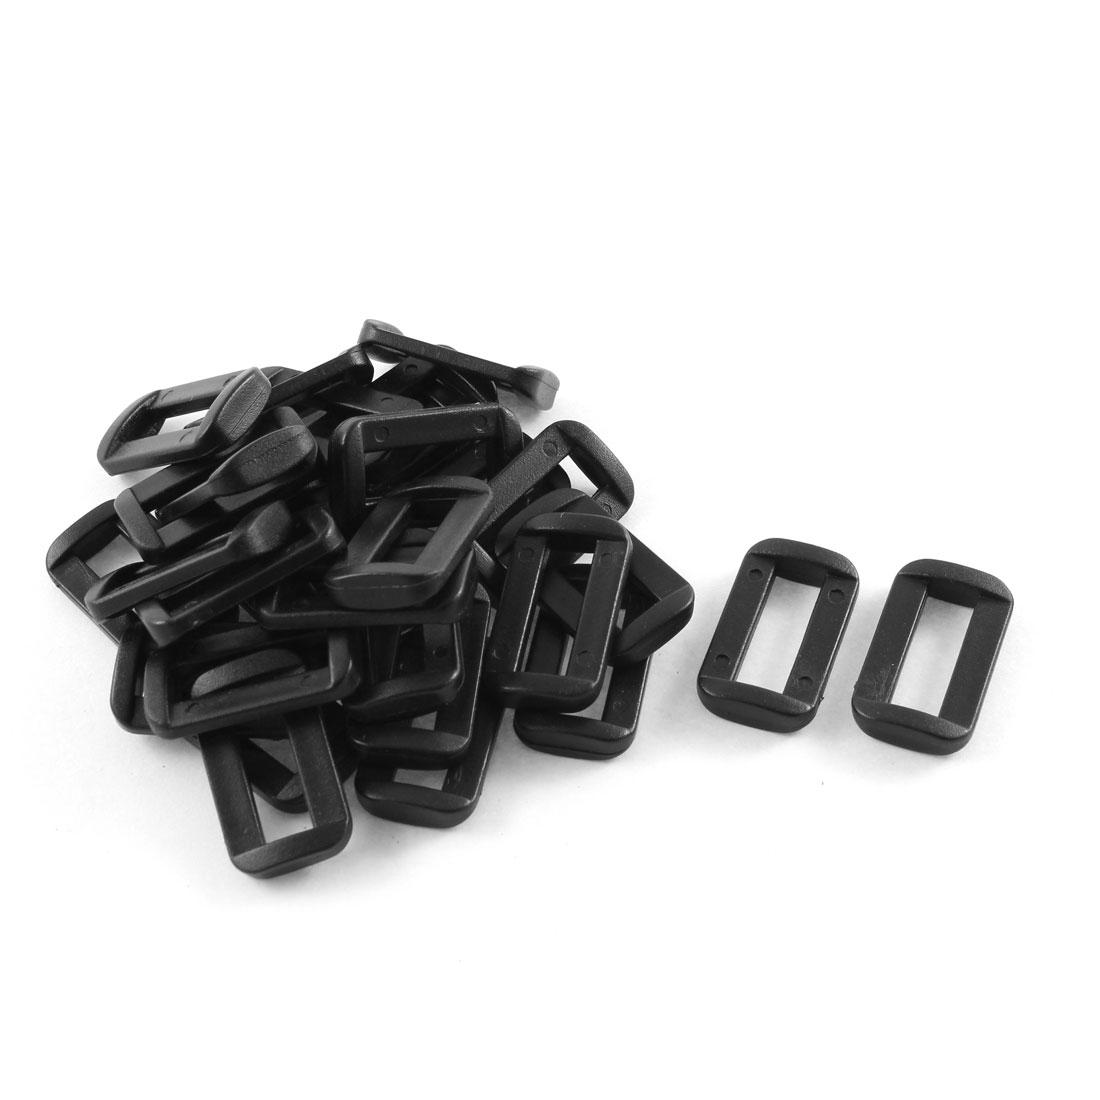 30pcs Black Plastic Bar Slides Buckles for 2cm Webbing Strap